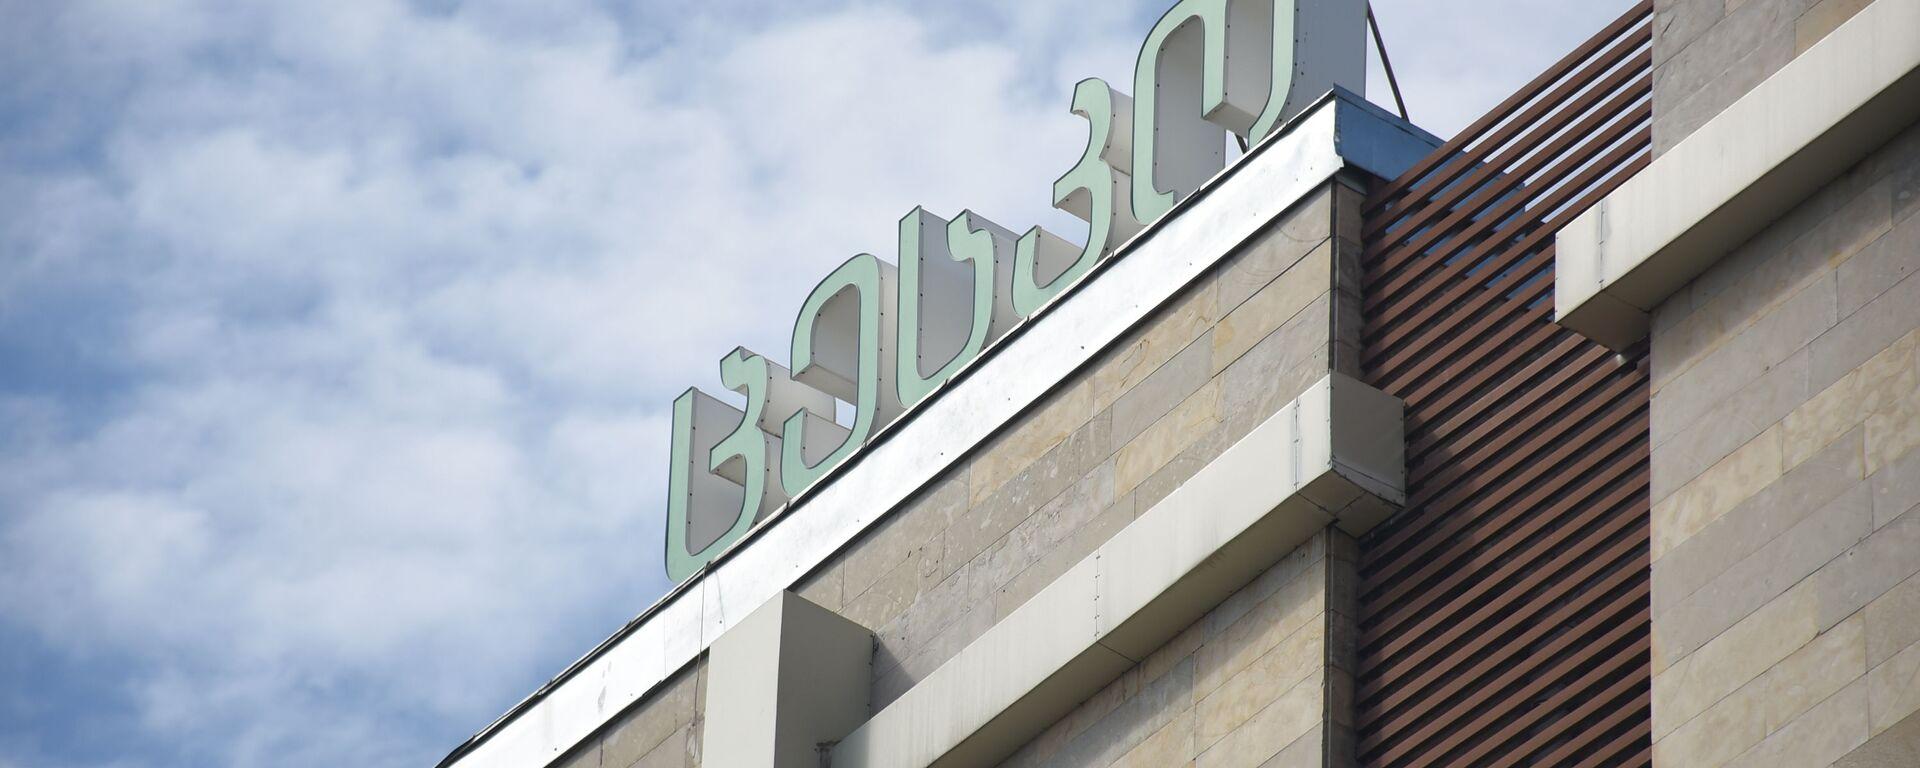 ცესკოს შენობა - Sputnik საქართველო, 1920, 29.07.2021